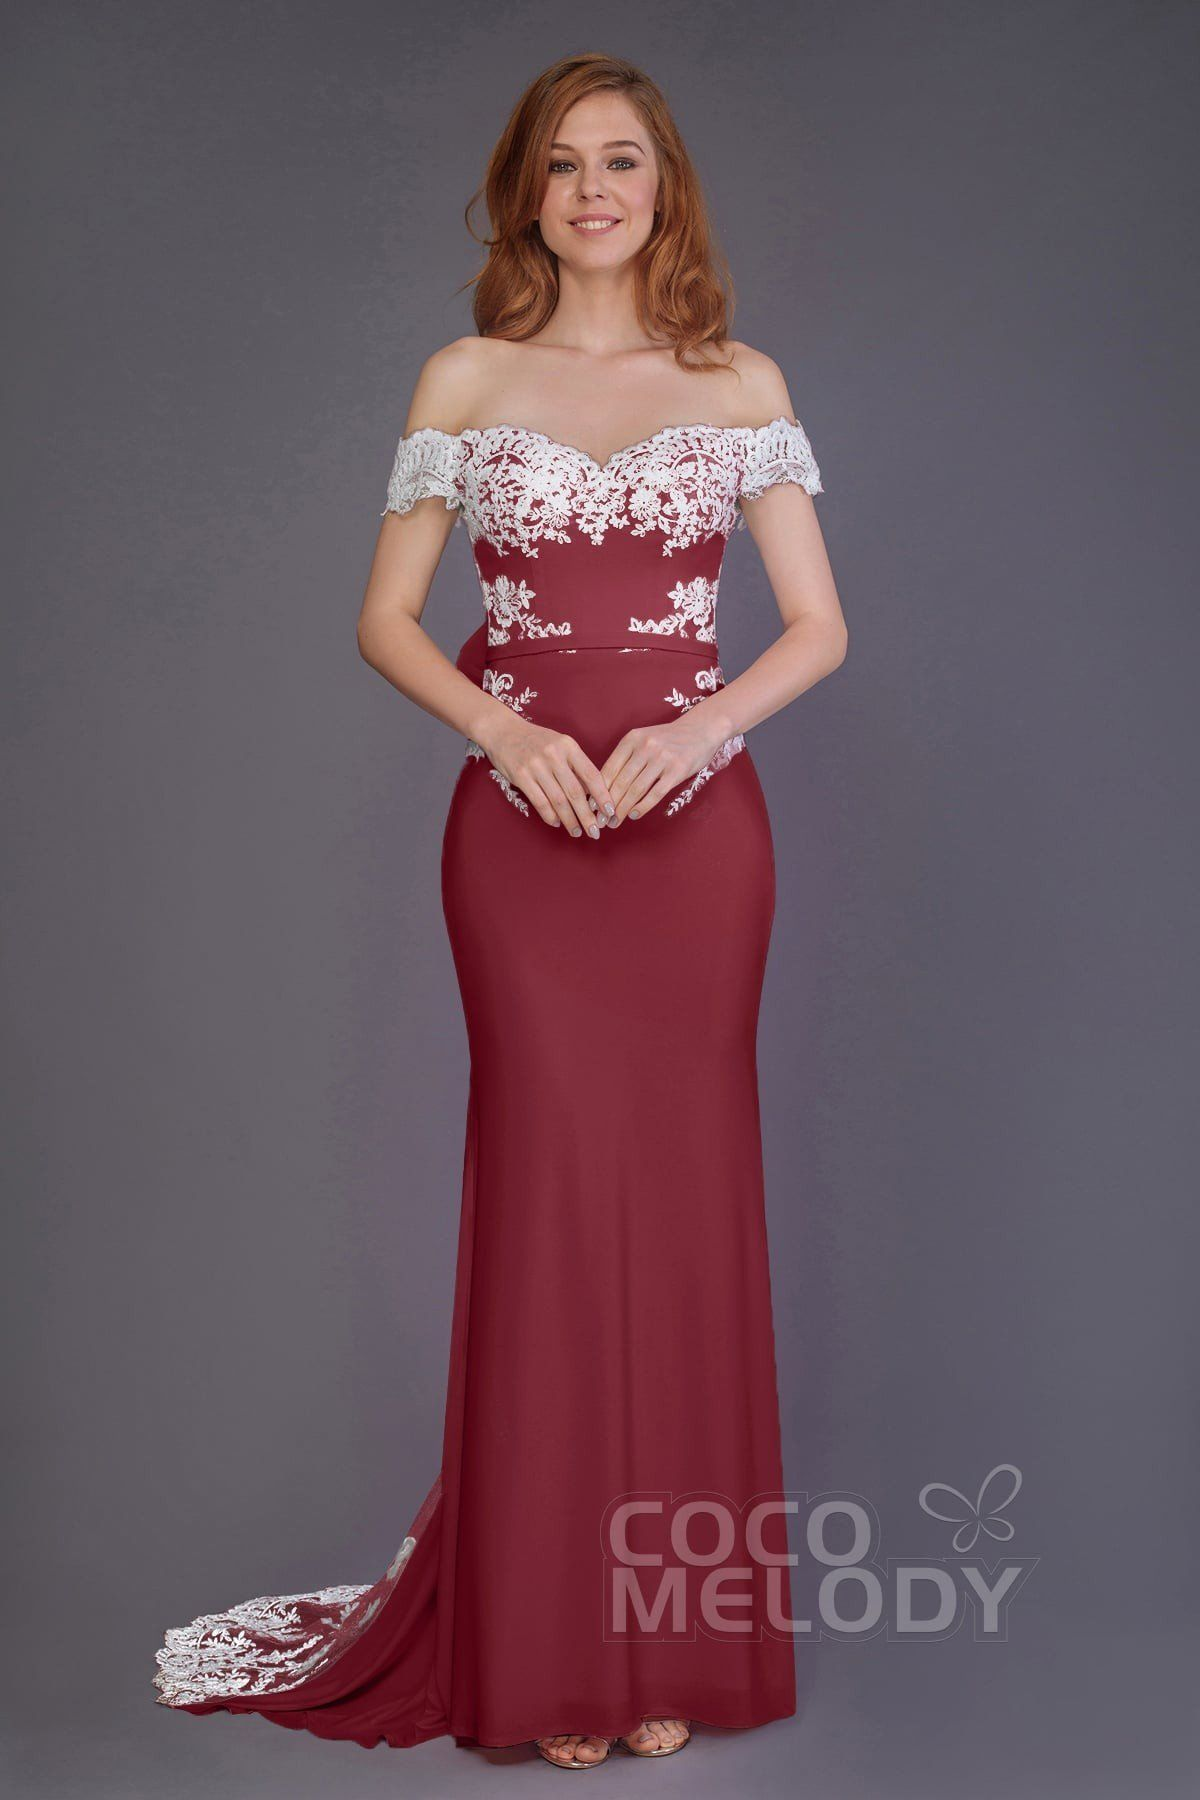 a58a7654b018 Trumpet-Mermaid Sweep-Brush Train Bridesmaid Dress #PR3491   Cocomelody  #cocomelody #bridesmaiddress #weddingpartygown #reddress